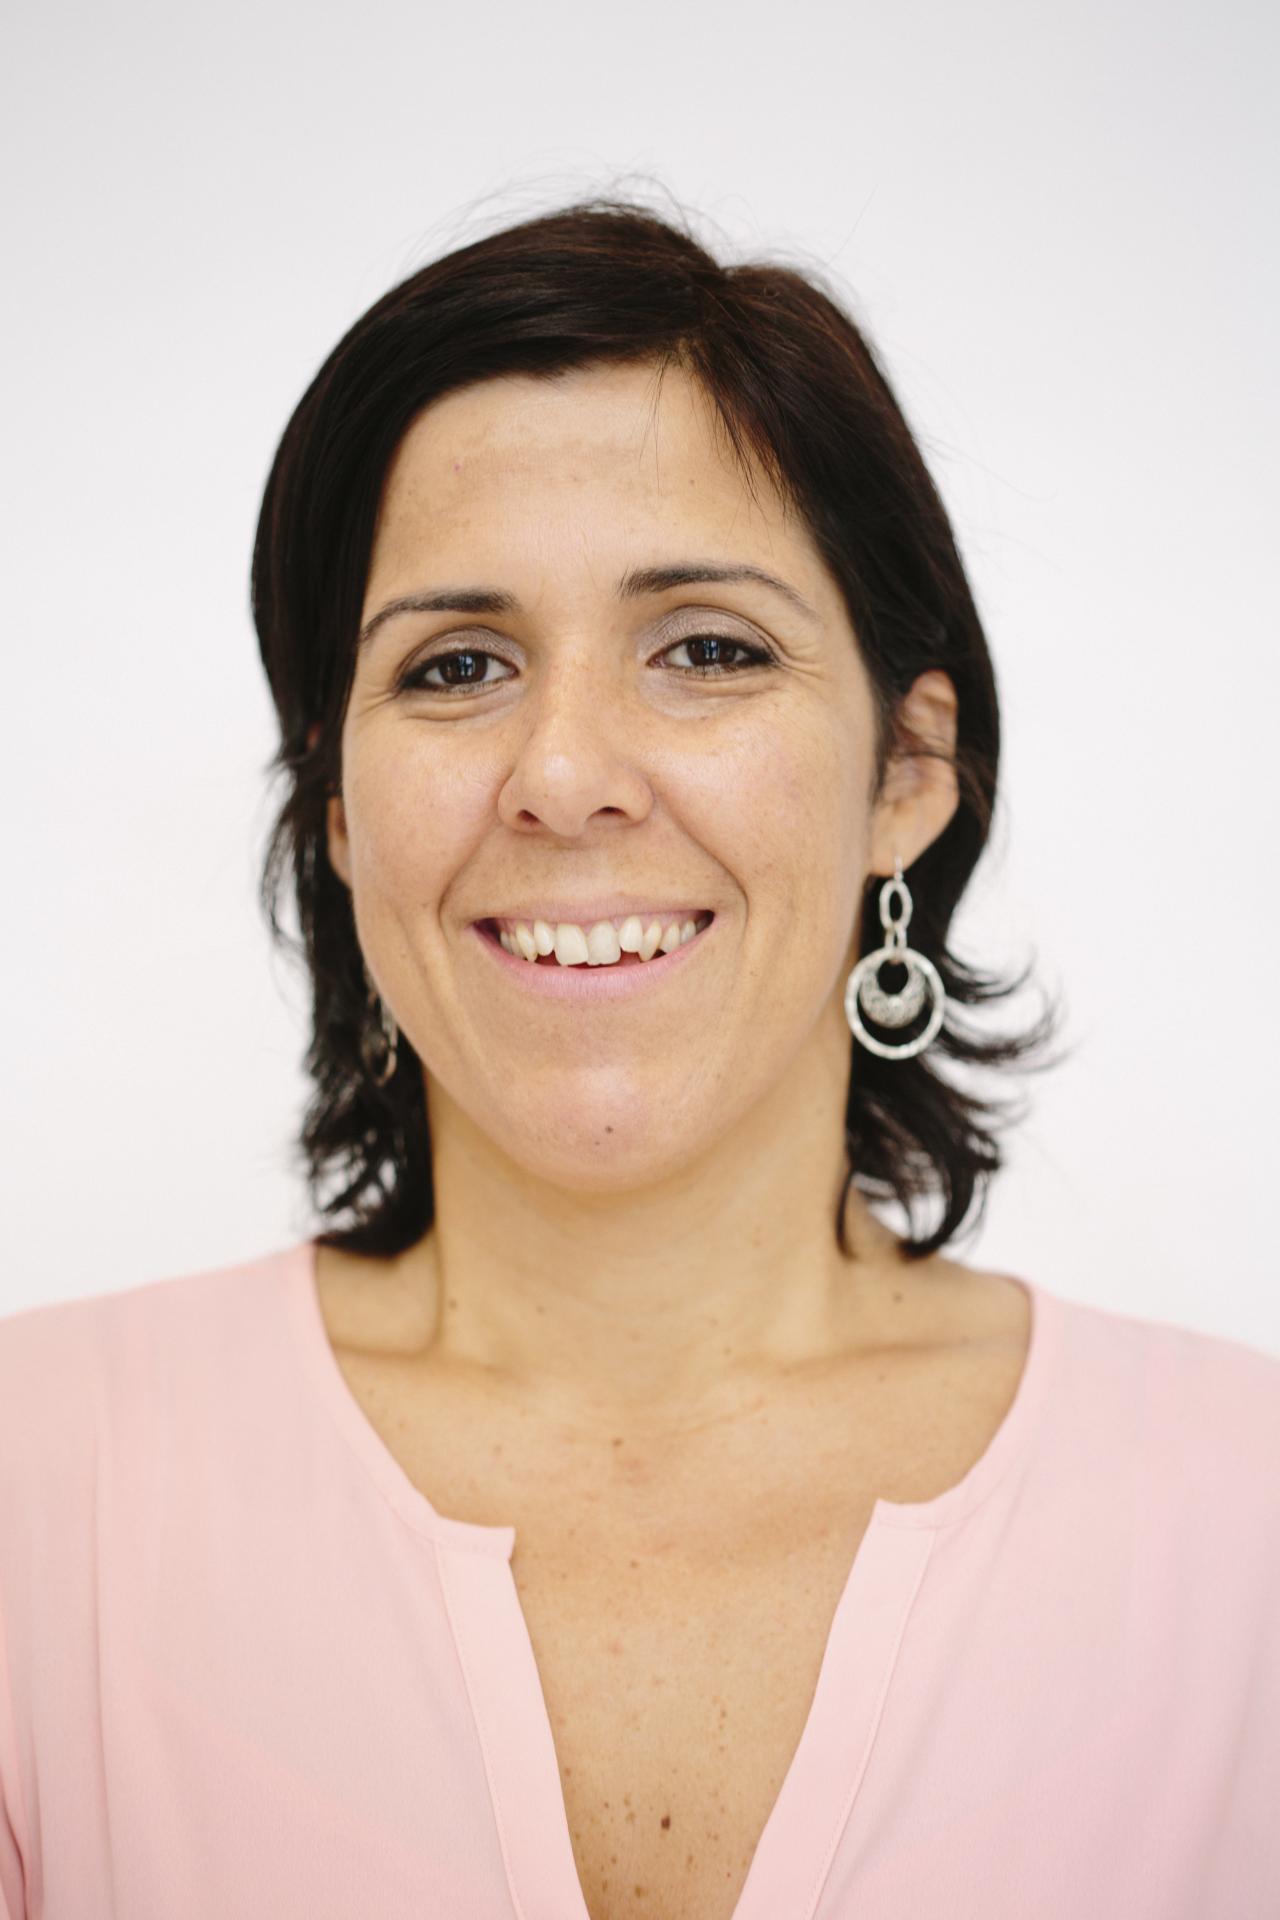 Marta Viciedo